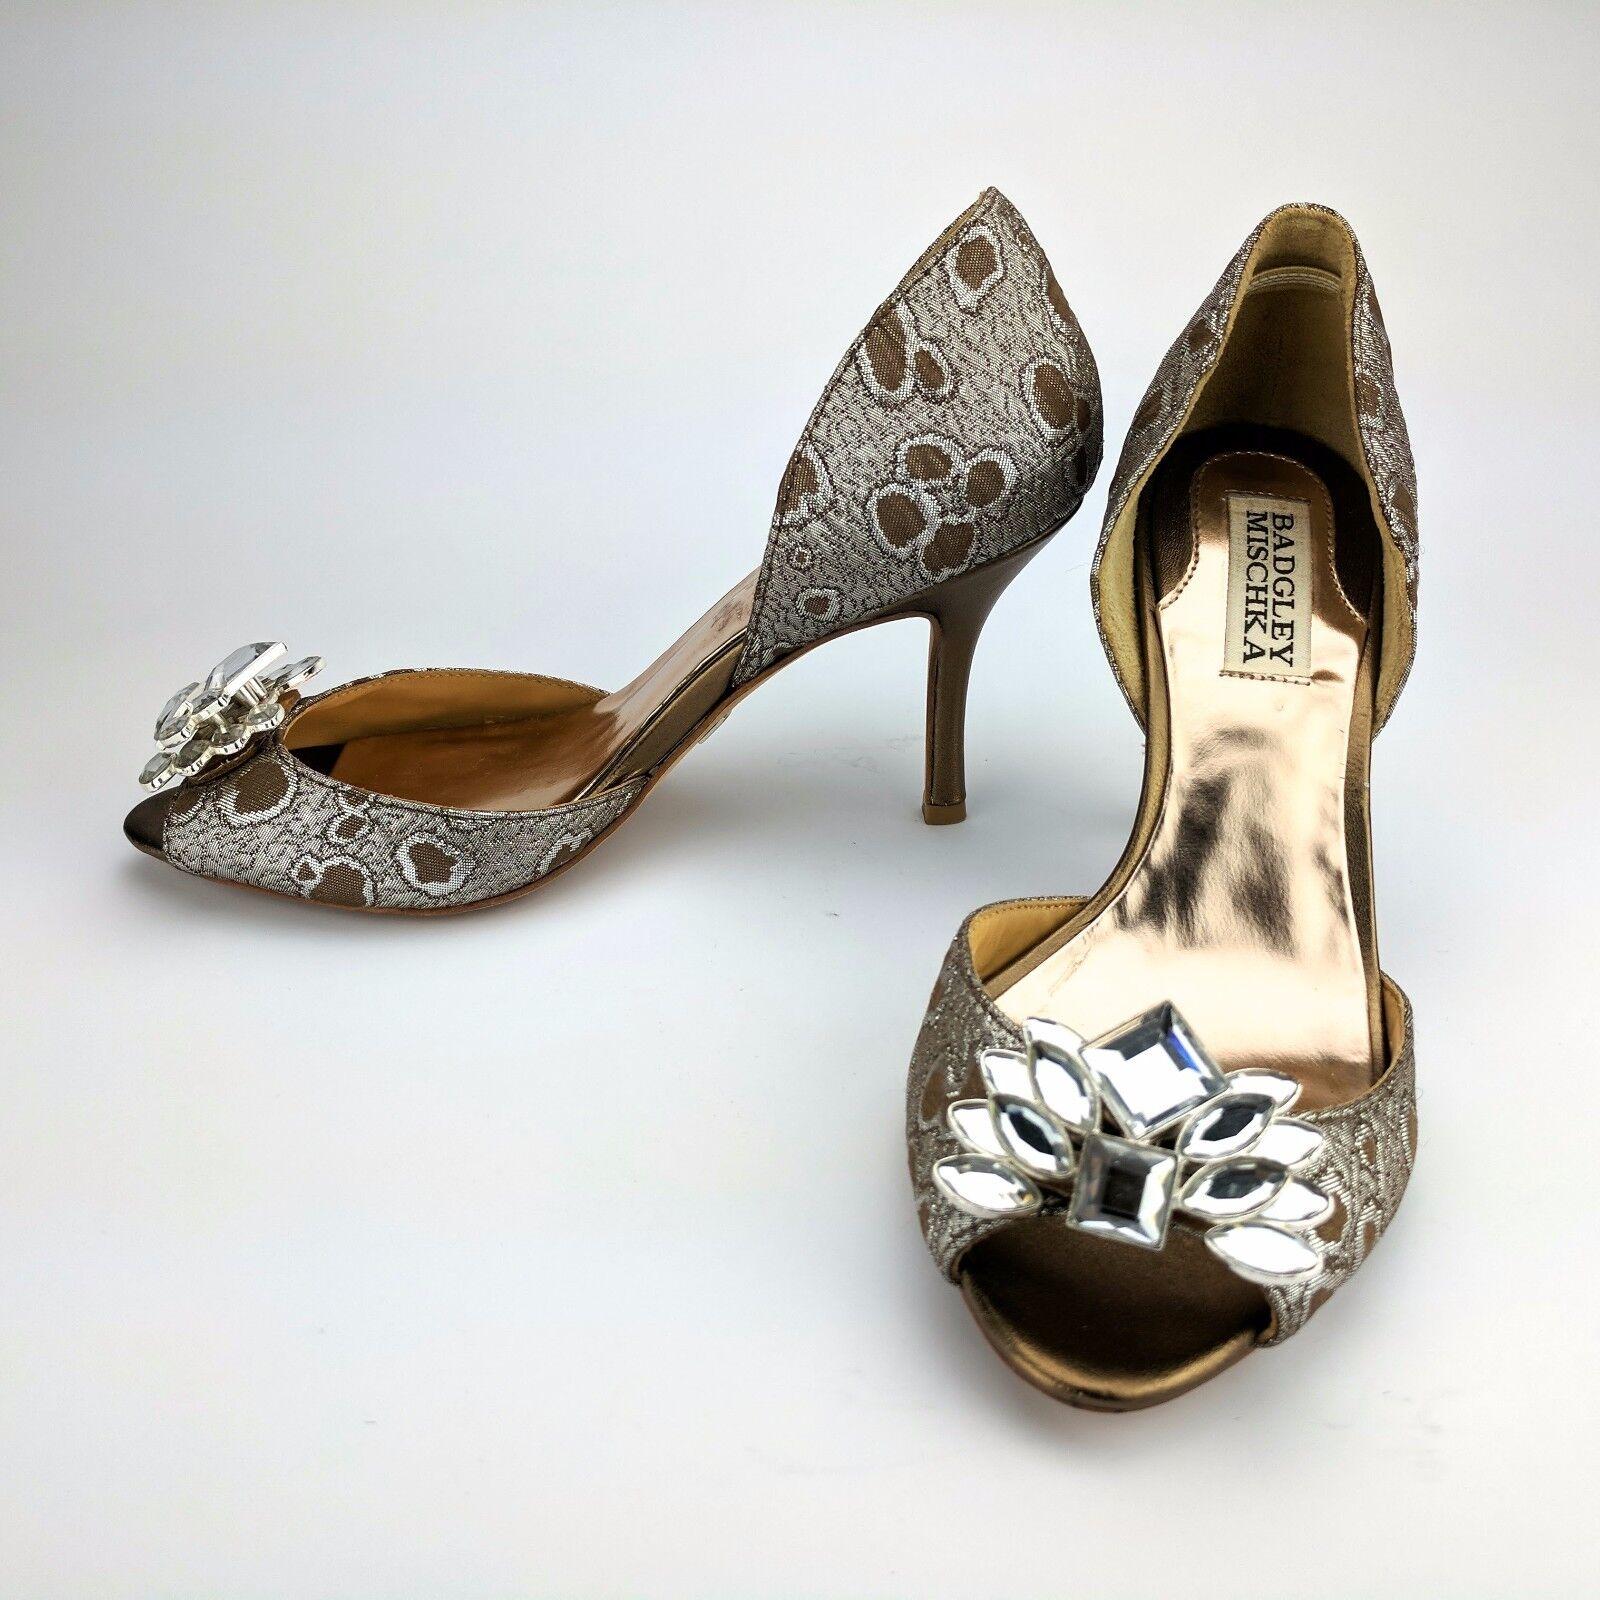 Badgley Mischka Cristal Peep Toe Zapatos de tacón tacón tacón bombas de edición limitada d 'Orsay Talla 6 M  ordenar ahora